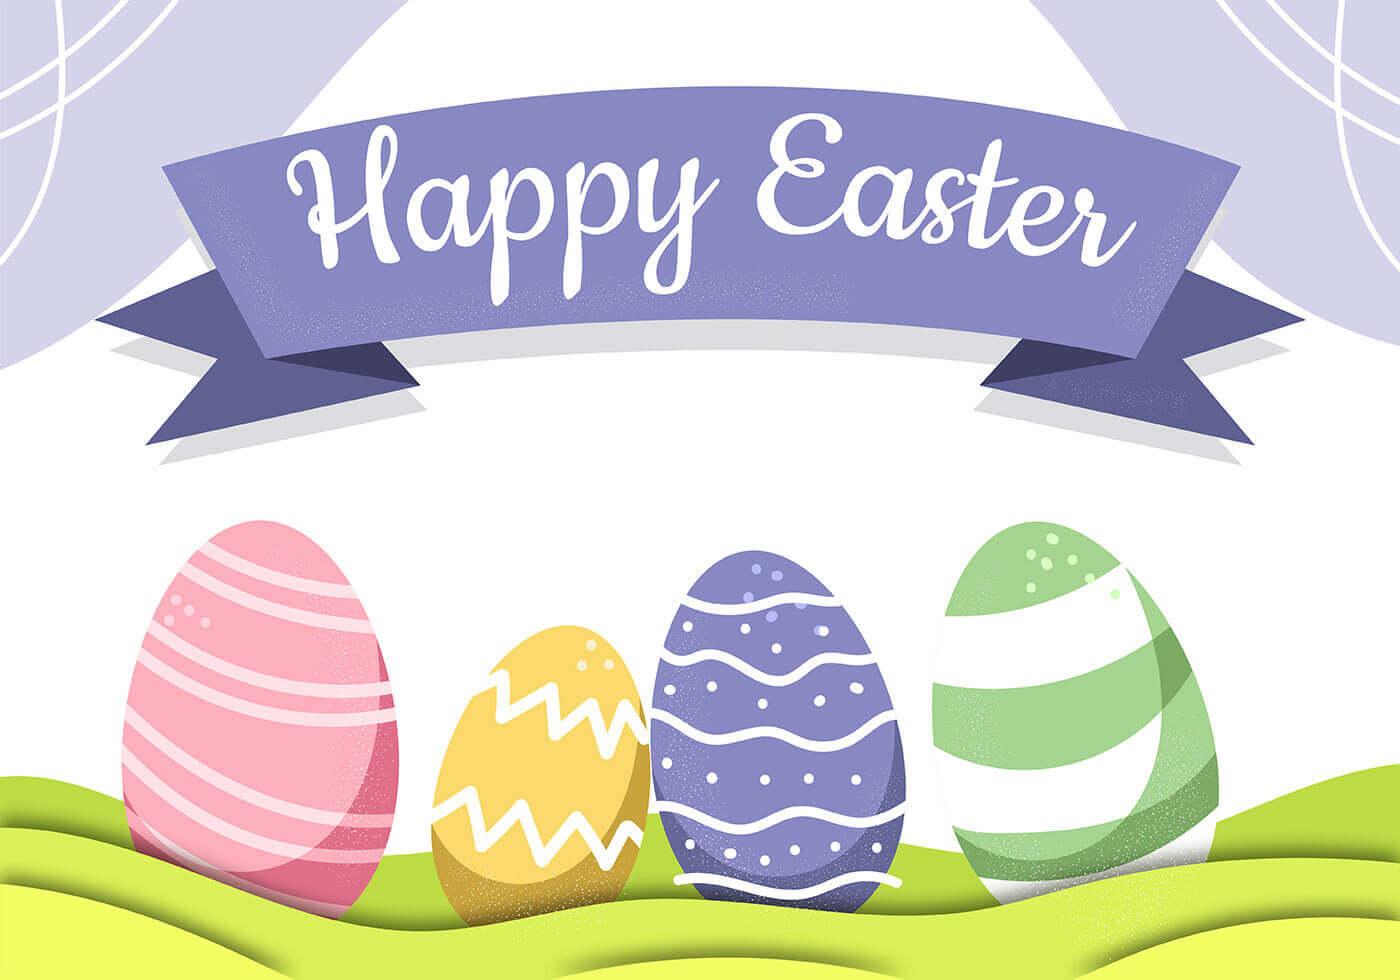 Happy Easter Wallpaper Vector